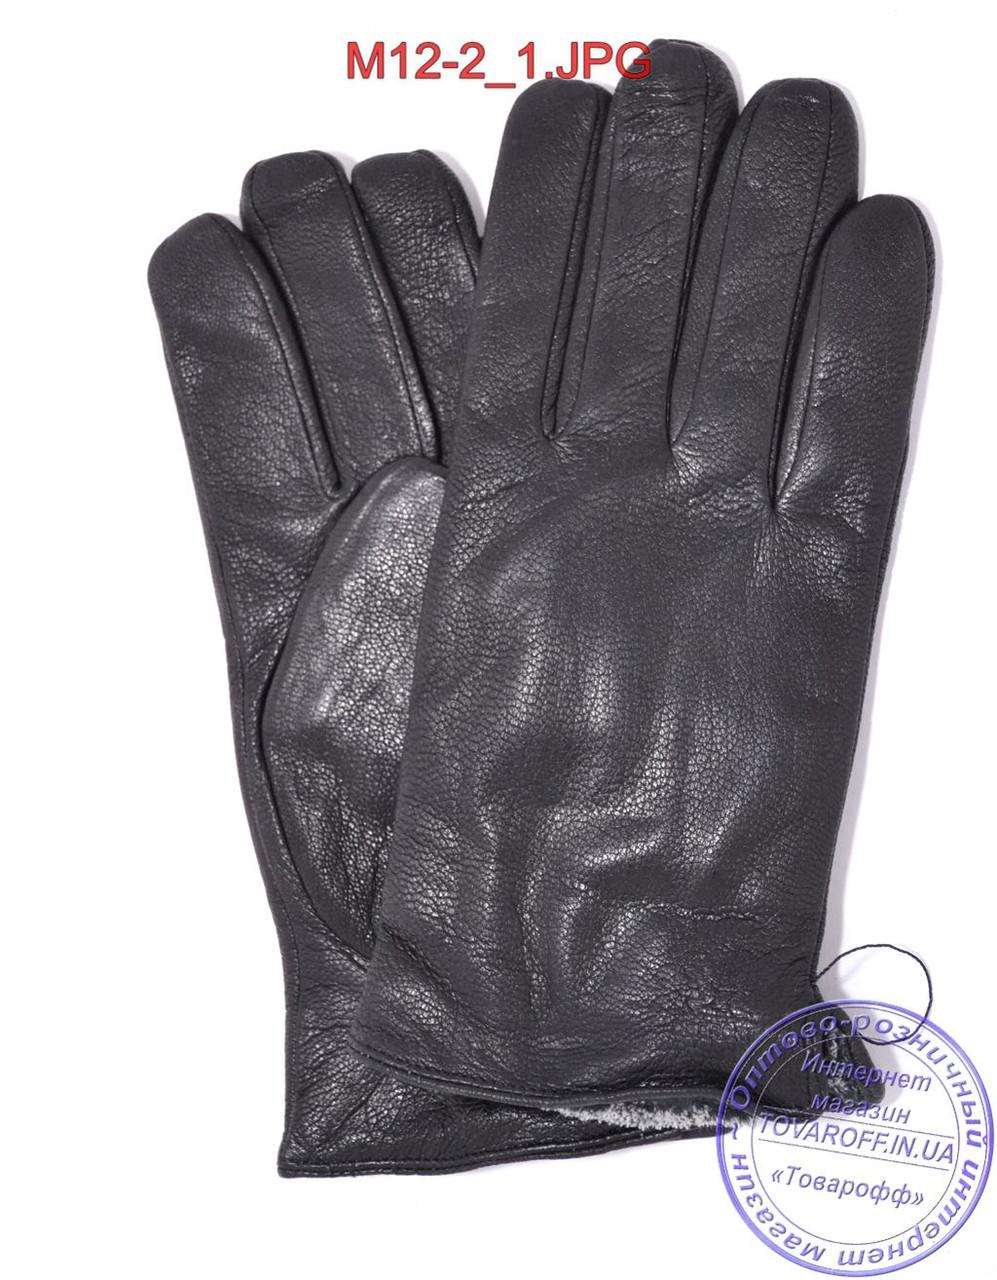 Оптом мужские кожаные перчатки из оленьей кожи с махровой подкладкой - №M12-2